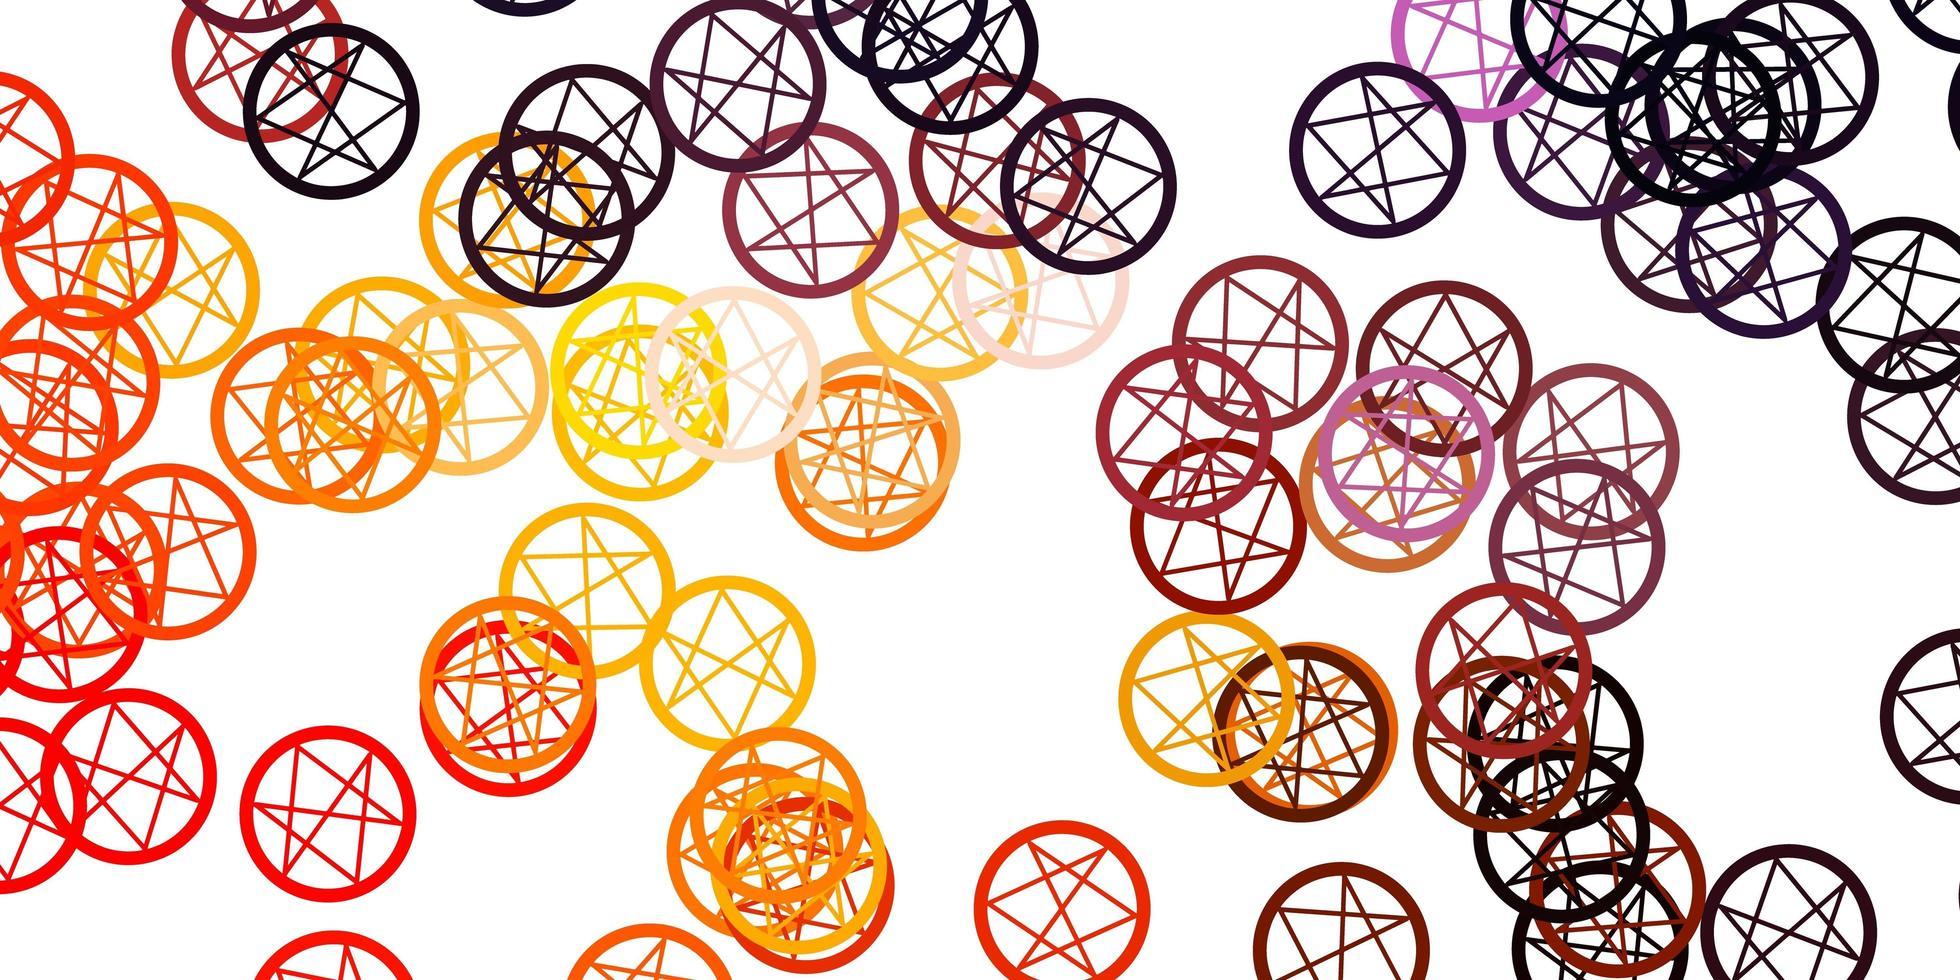 toile de fond de vecteur rose clair, jaune avec des symboles mystérieux.